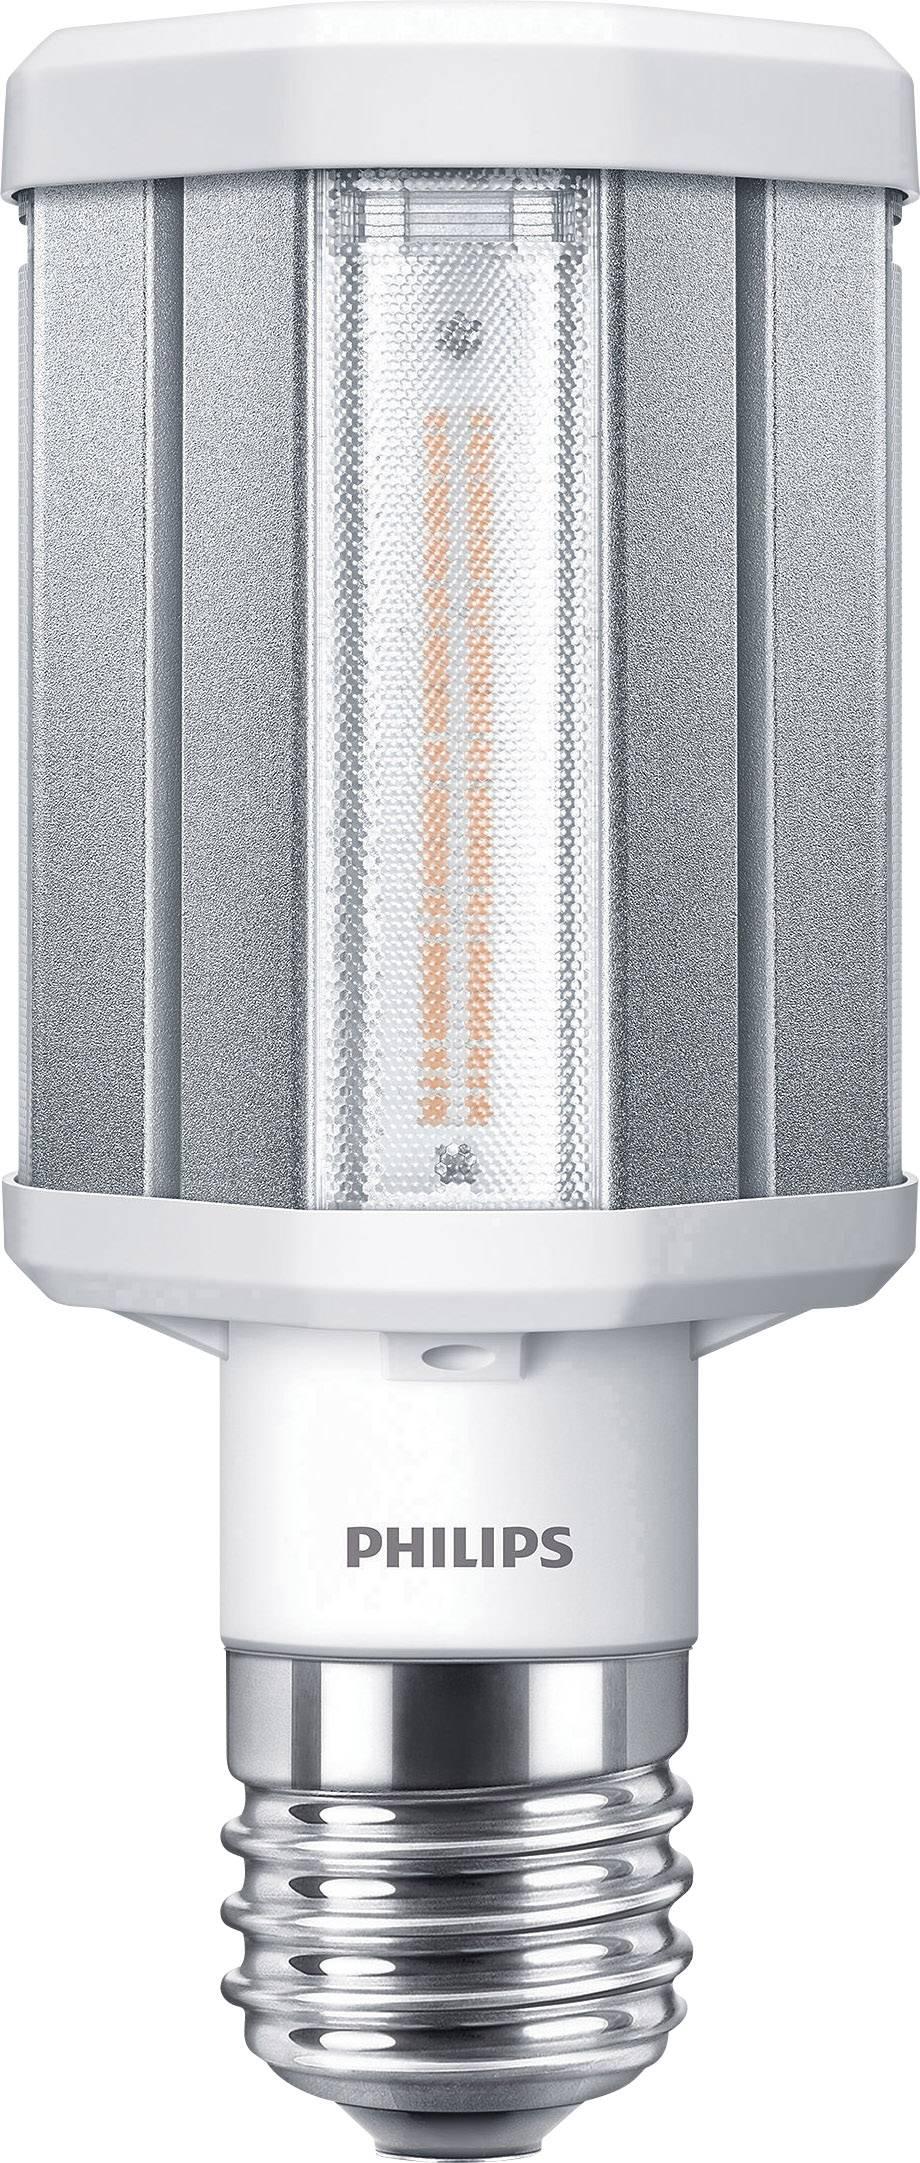 Tischleuchte Aluminium Dekorativ LED silber Tanne Weihnachten